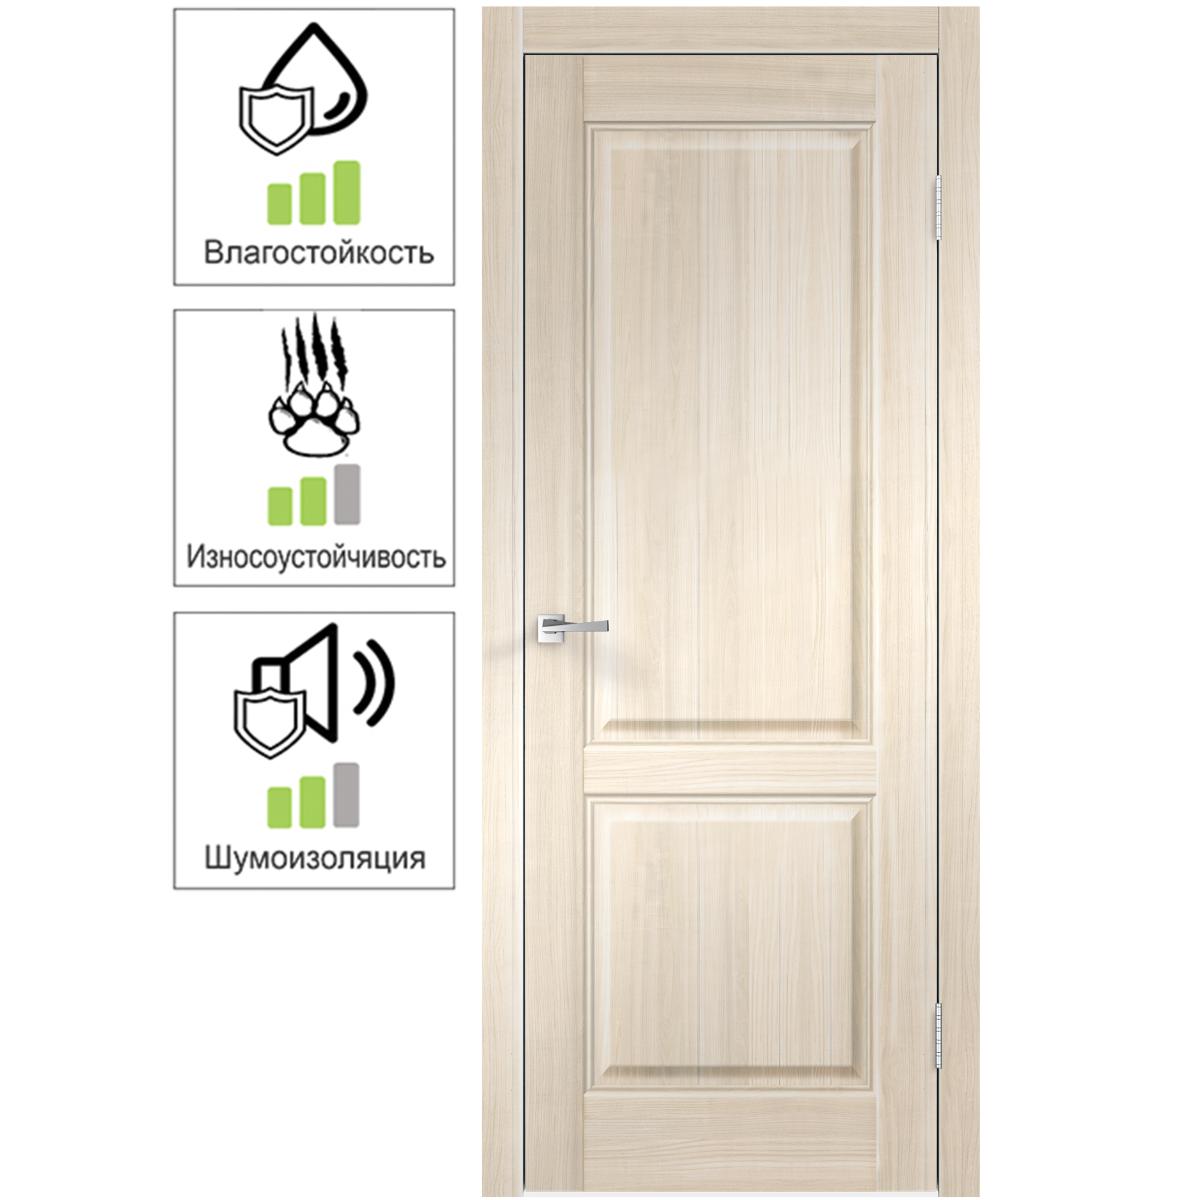 Дверь межкомнатная Вилла 2Р 70х200 см с фурнитурой ПВХ цвет японский ясень